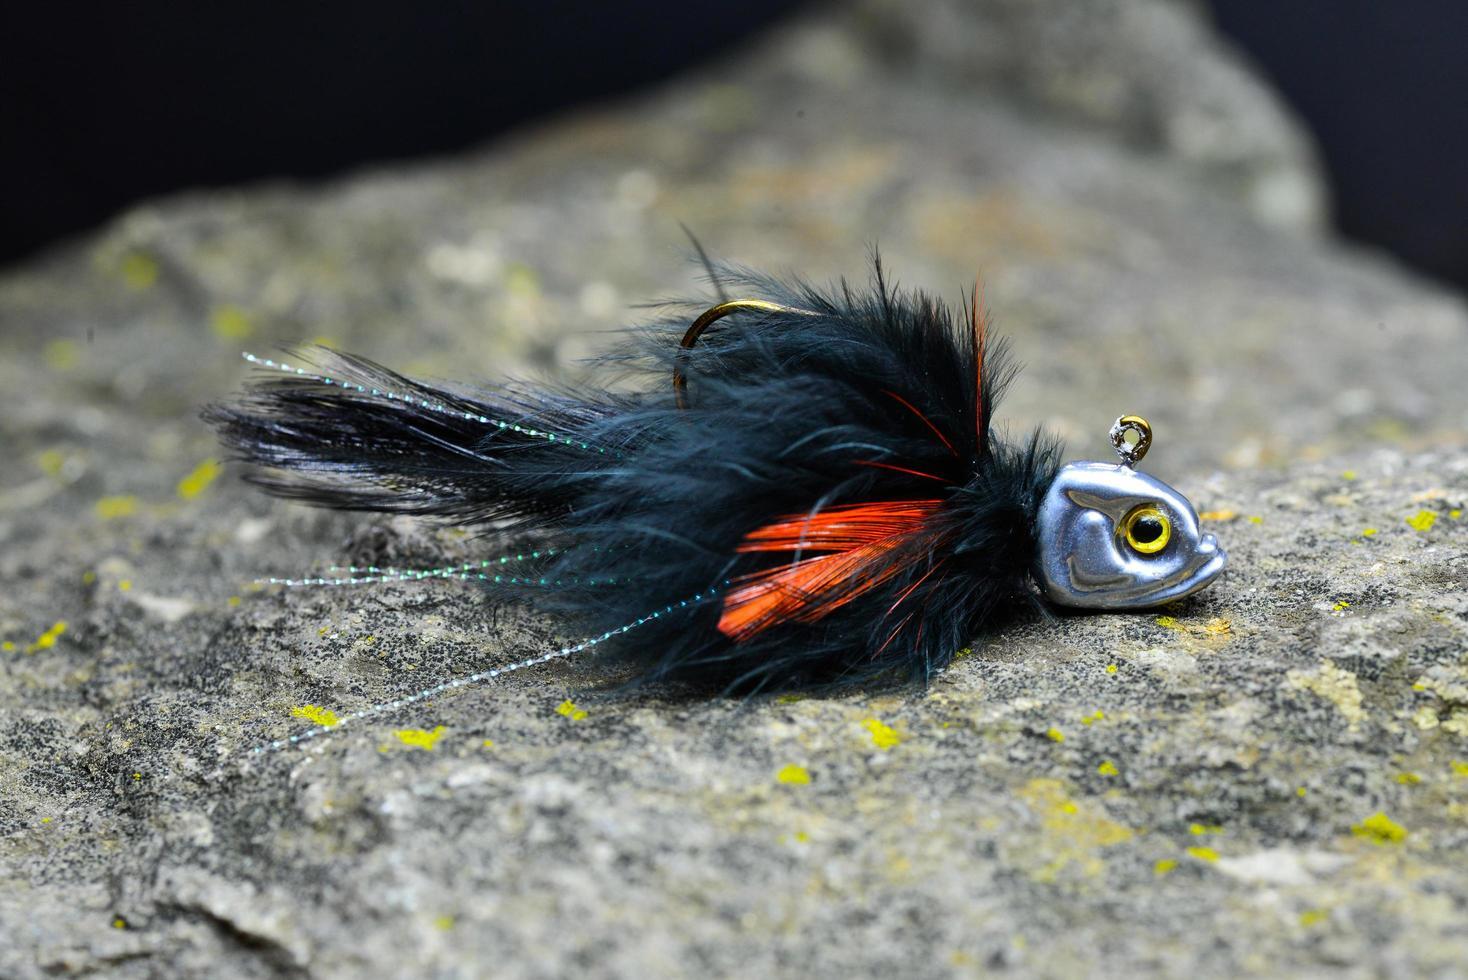 serpentina jig preto-laranja feita de penas foto